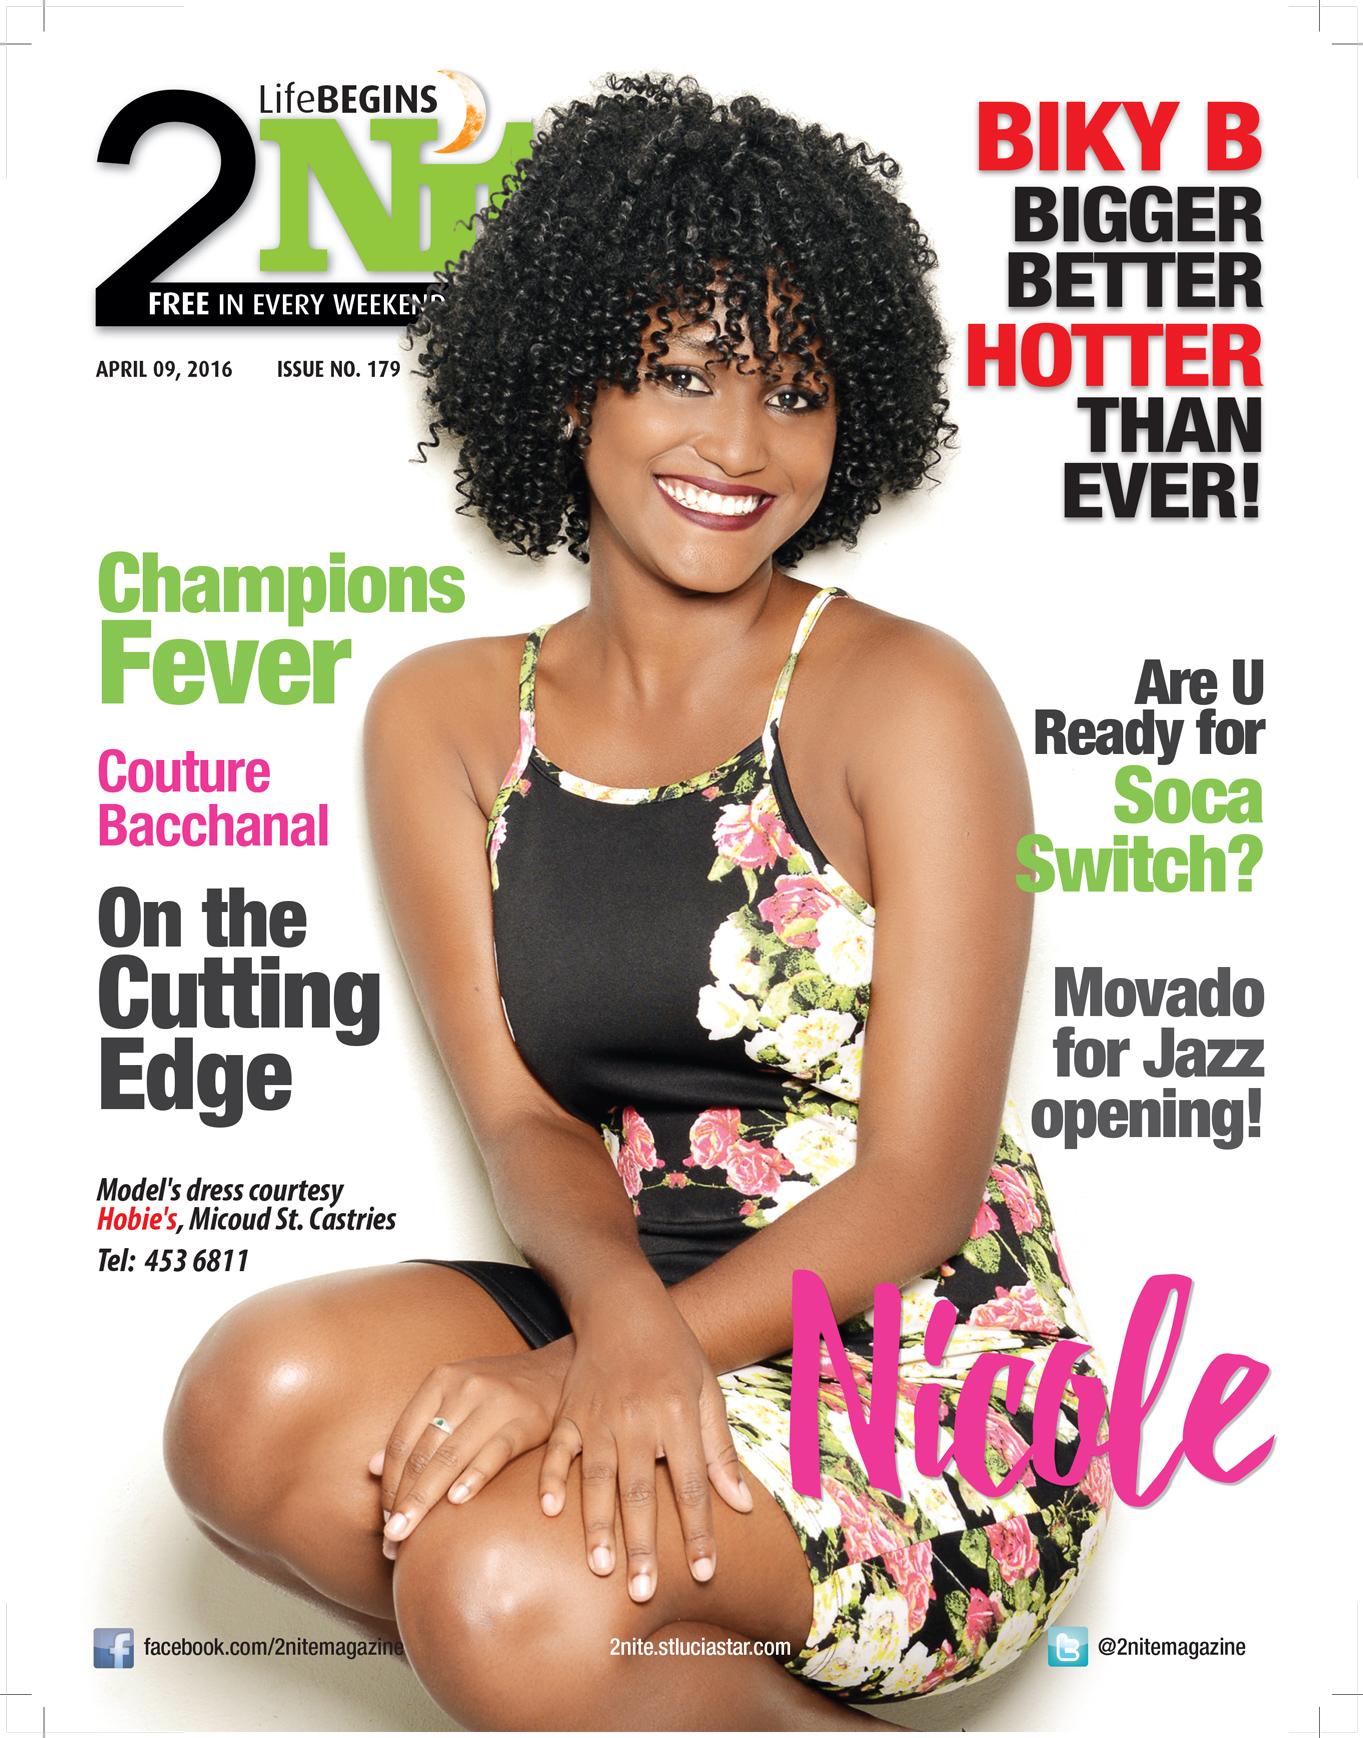 2Nite Magazine for Saturday April 9th, 2016 ~ Issue no. 179